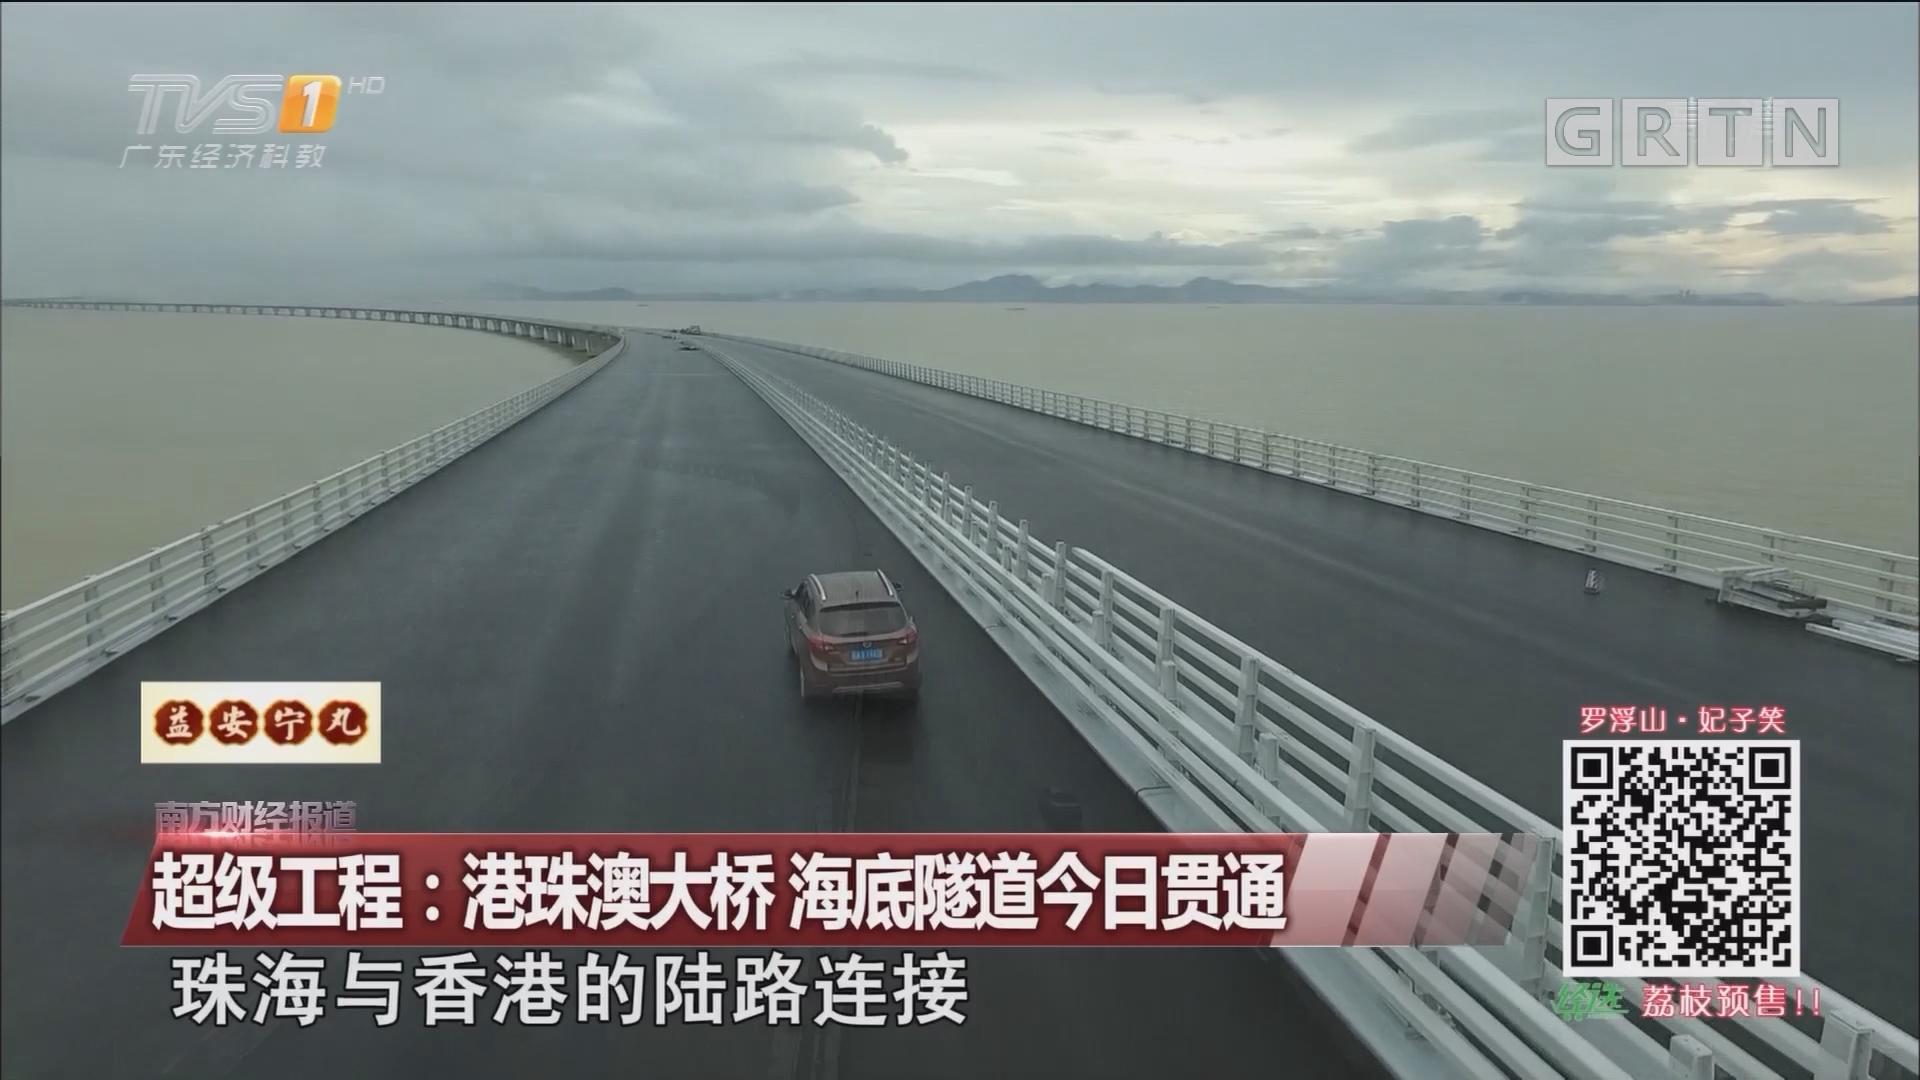 超级工程:港珠澳大桥 海底隧道今日贯通